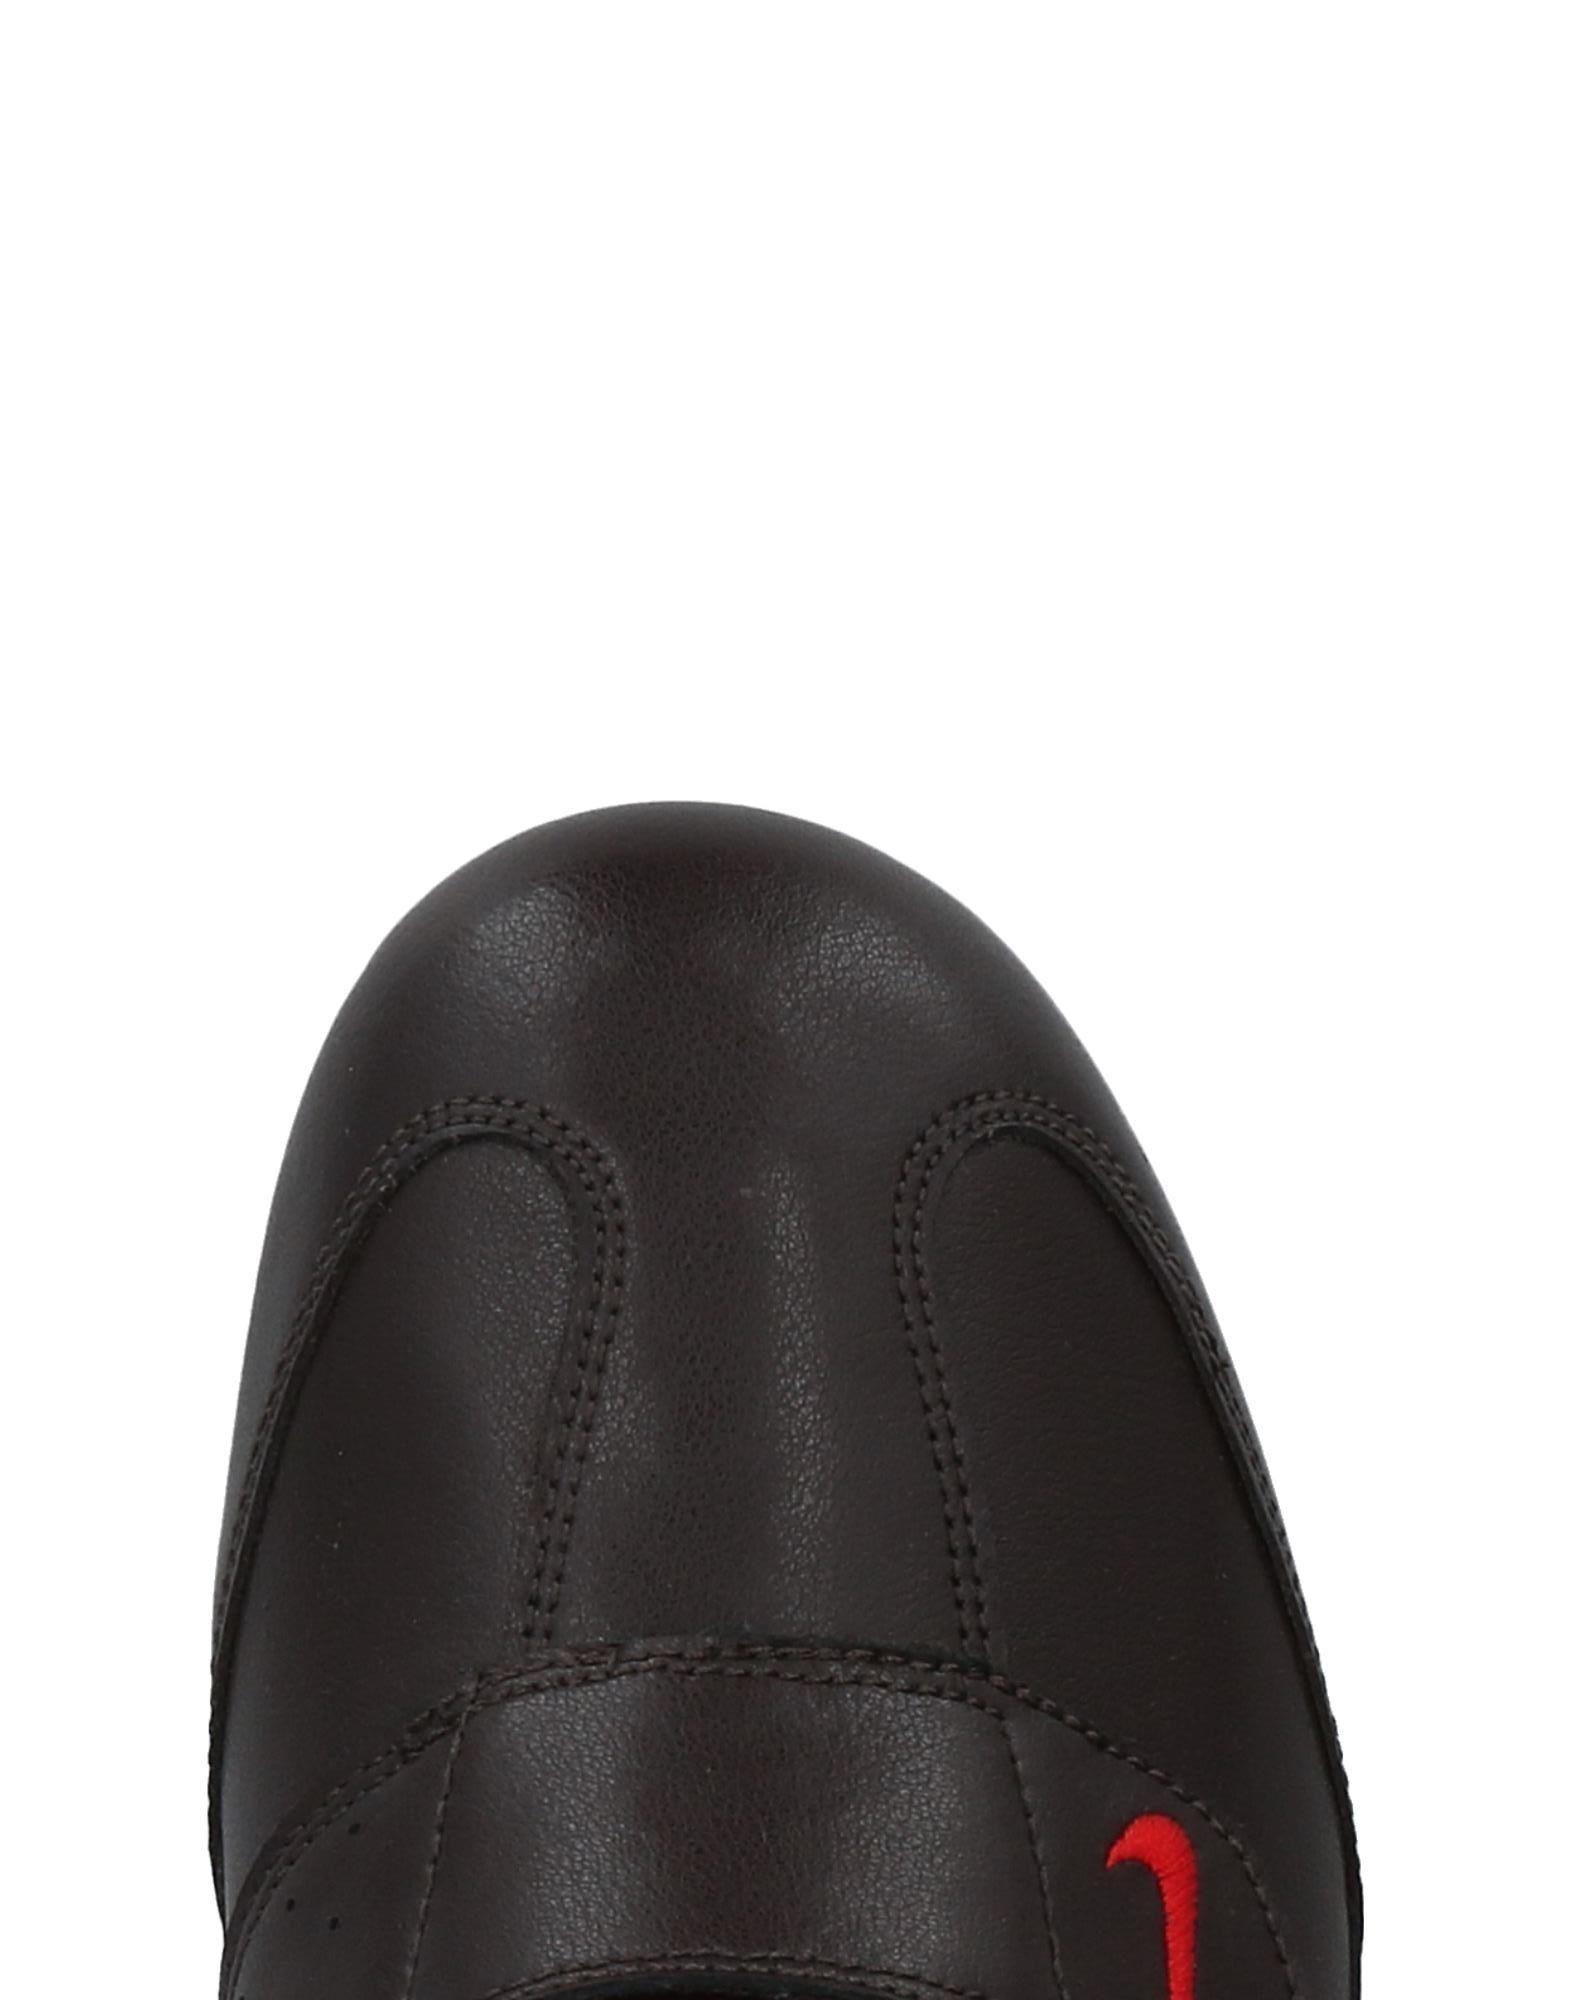 Nike Heiße Sneakers Herren  11449418ED Heiße Nike Schuhe 583fcf